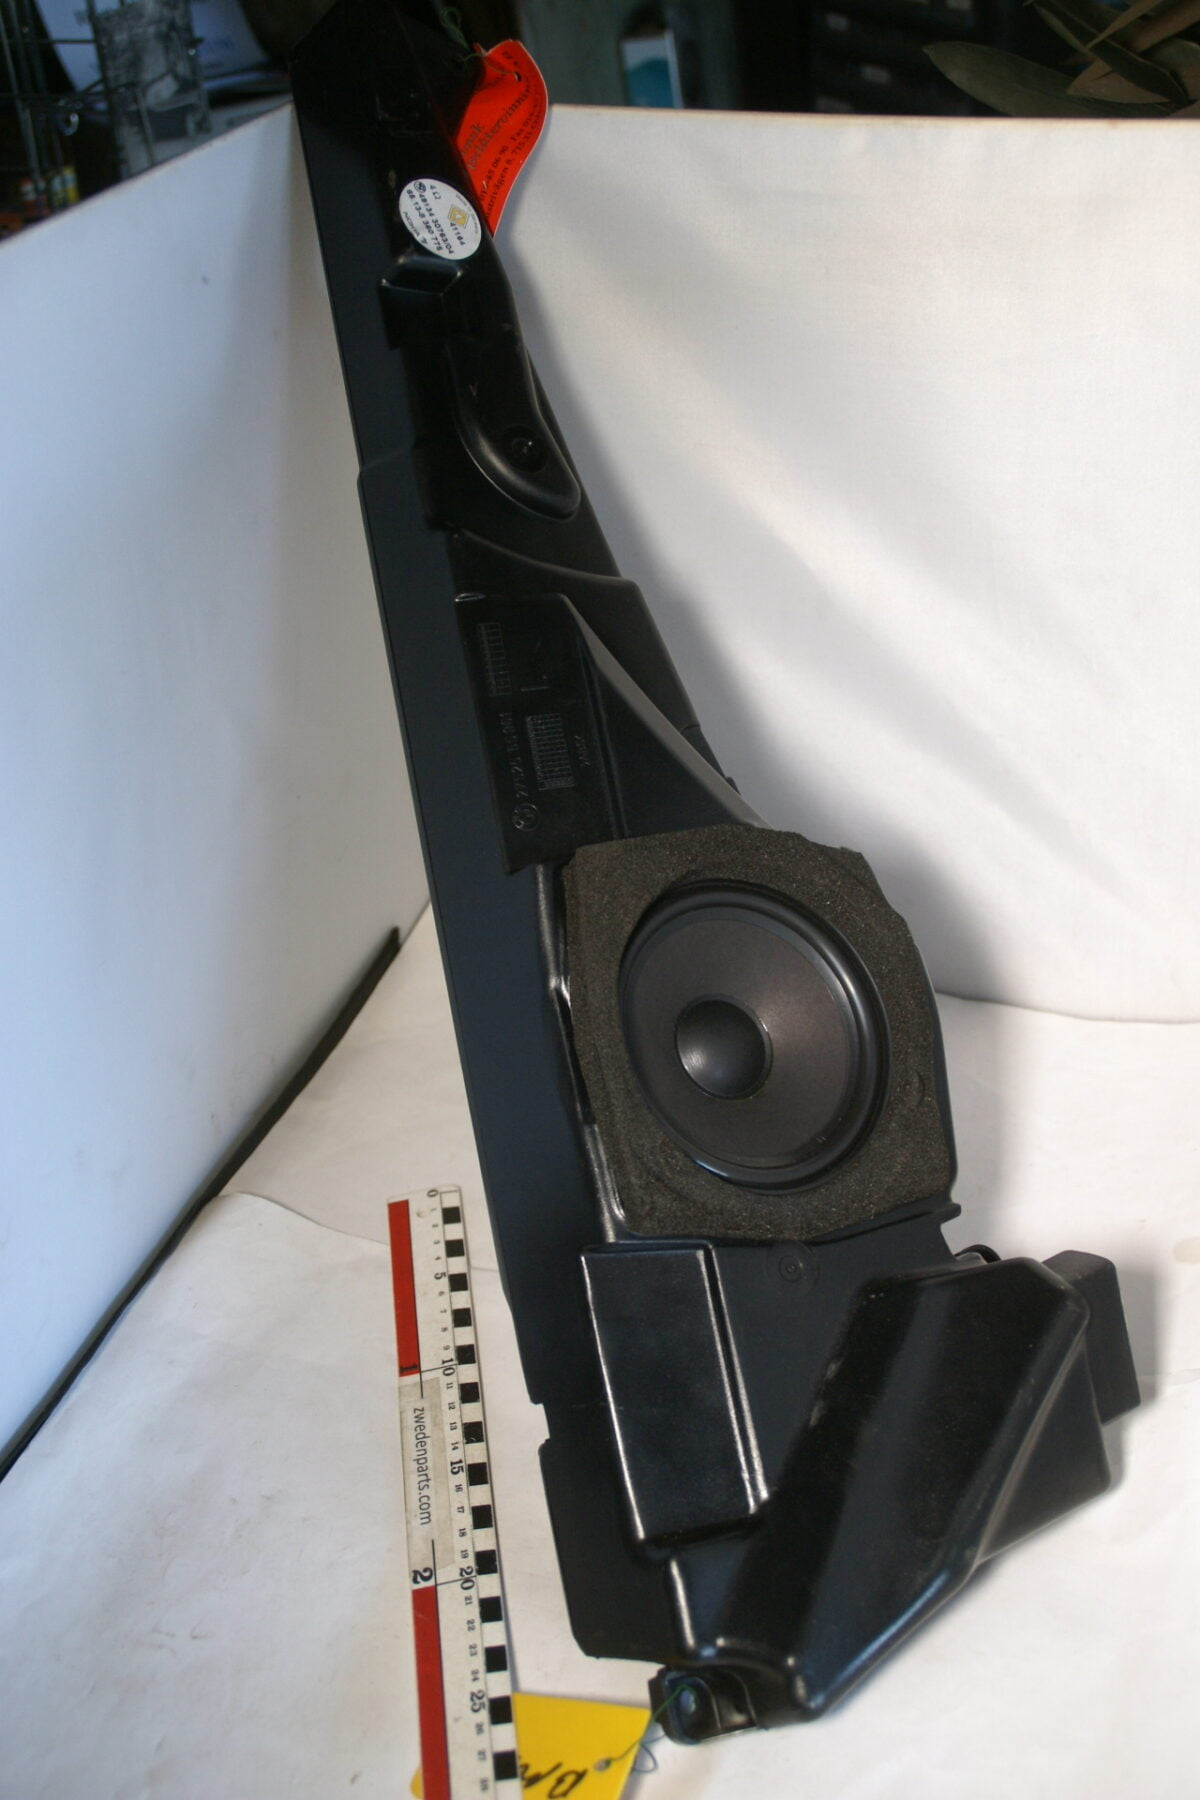 DSC01162 1996 origineel BMW speakerplaat linker voorportier nr 15387812 47309-c0ae60e7